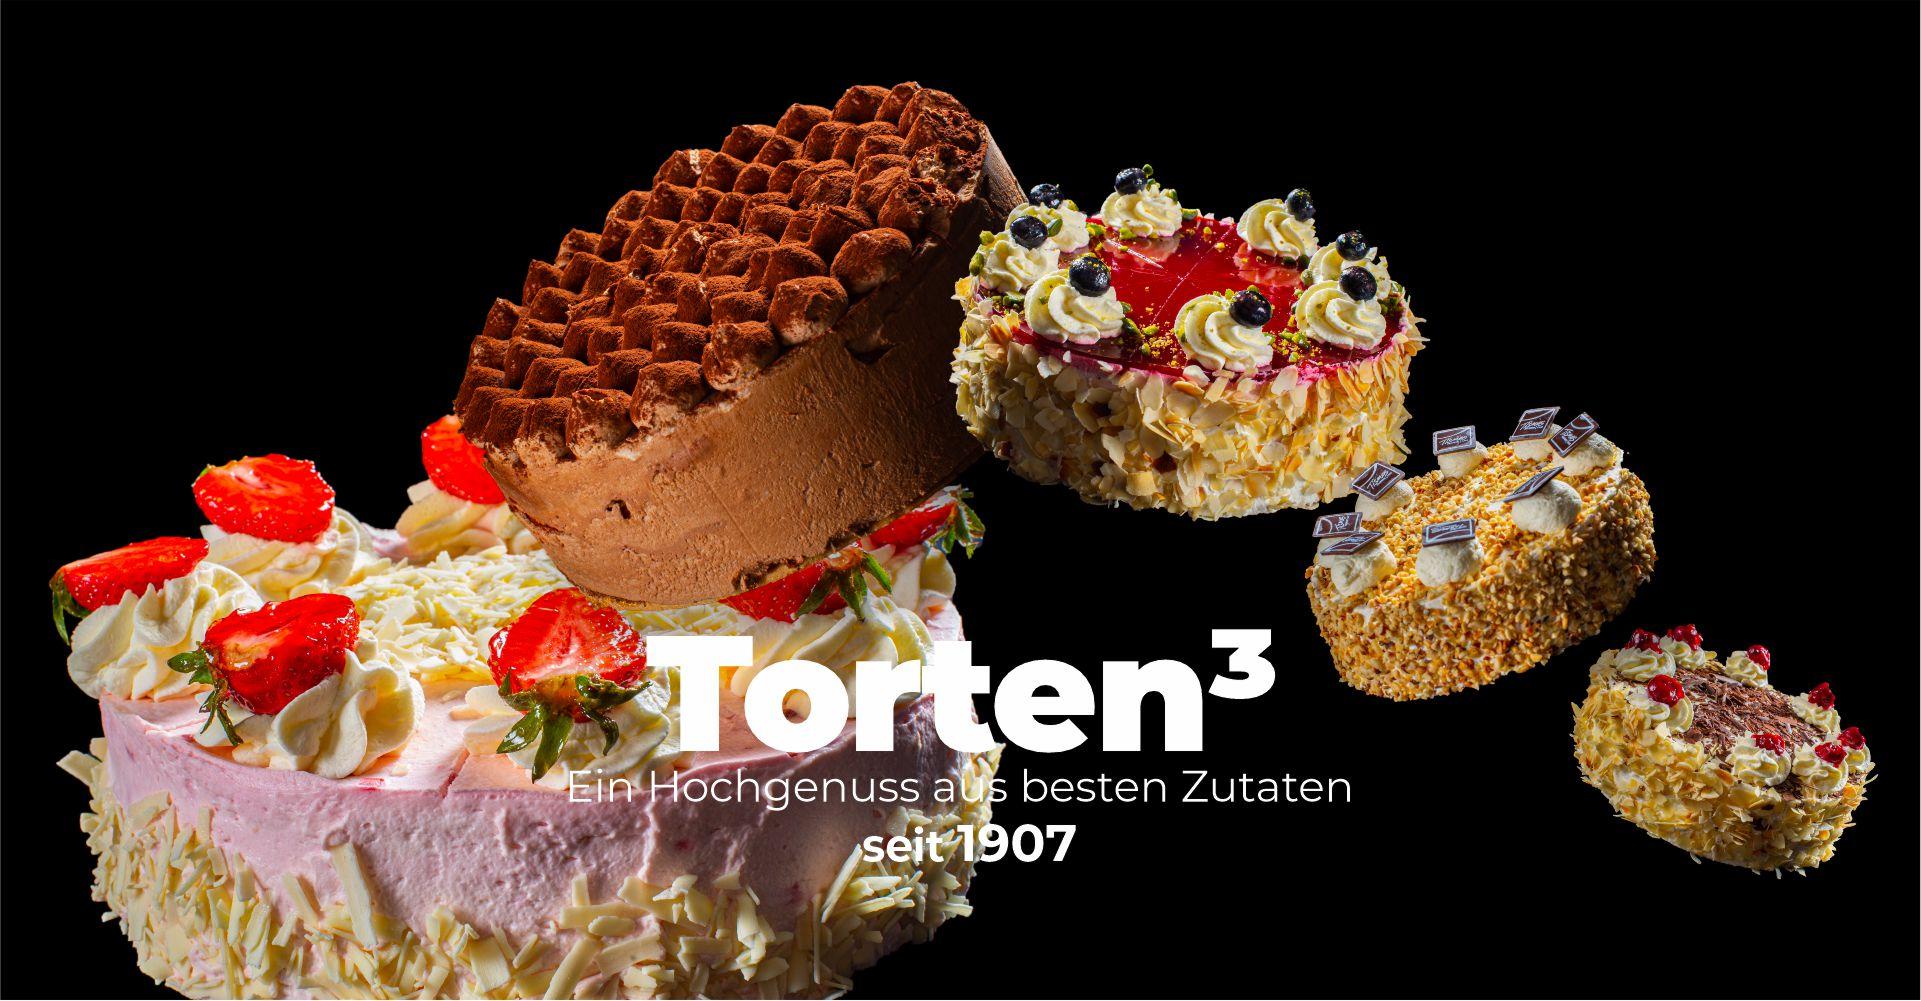 tismes_torten_001